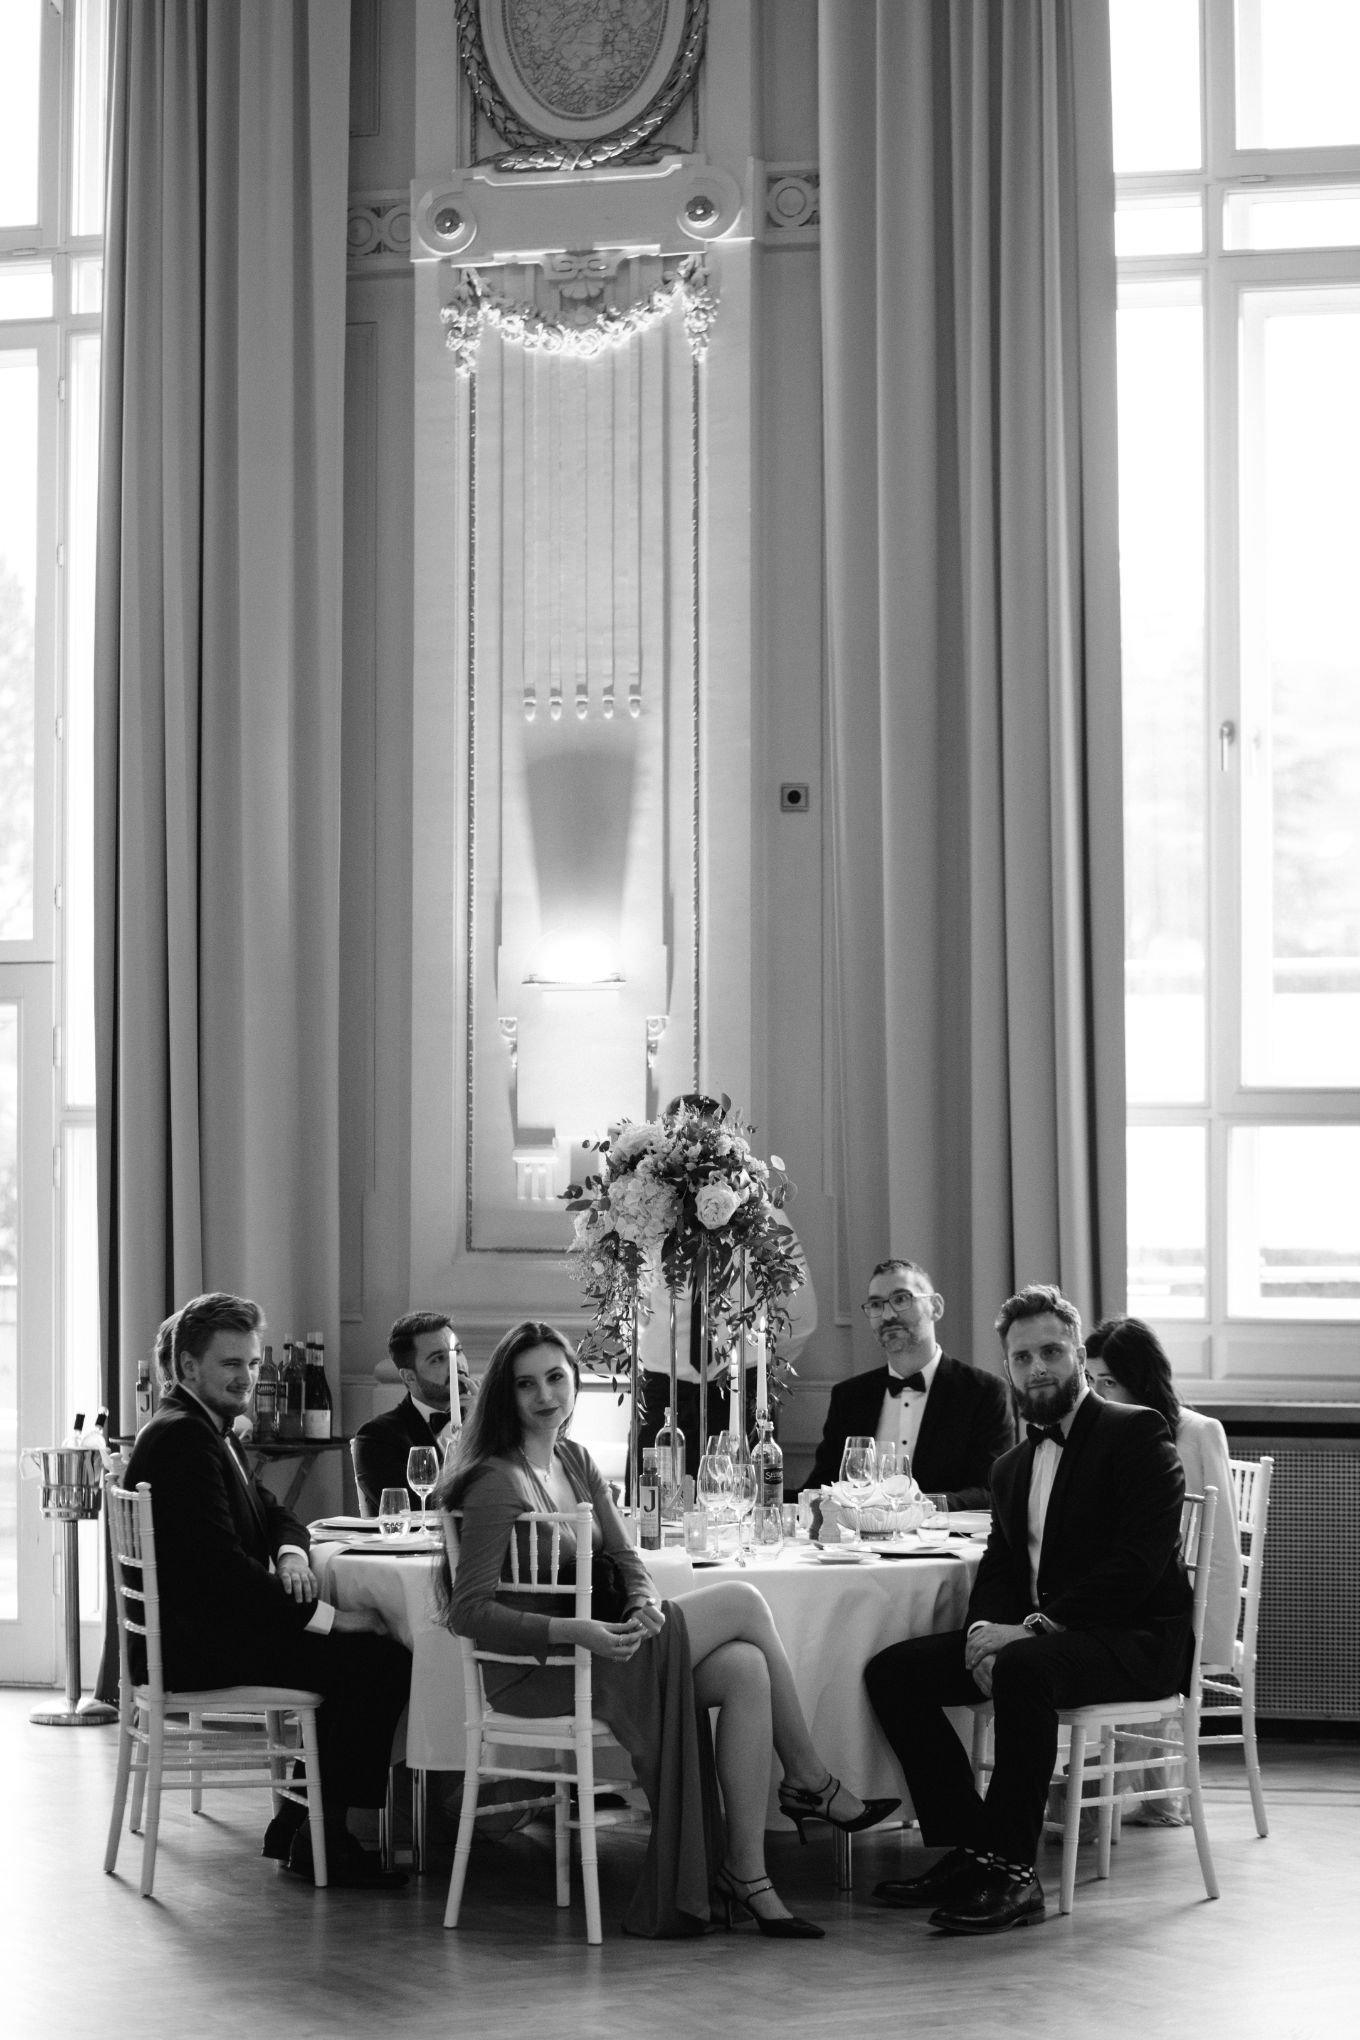 Historische-Stadthalle-Wuppertal-Hochzeit-The-Saums-KN-6-47.jpg